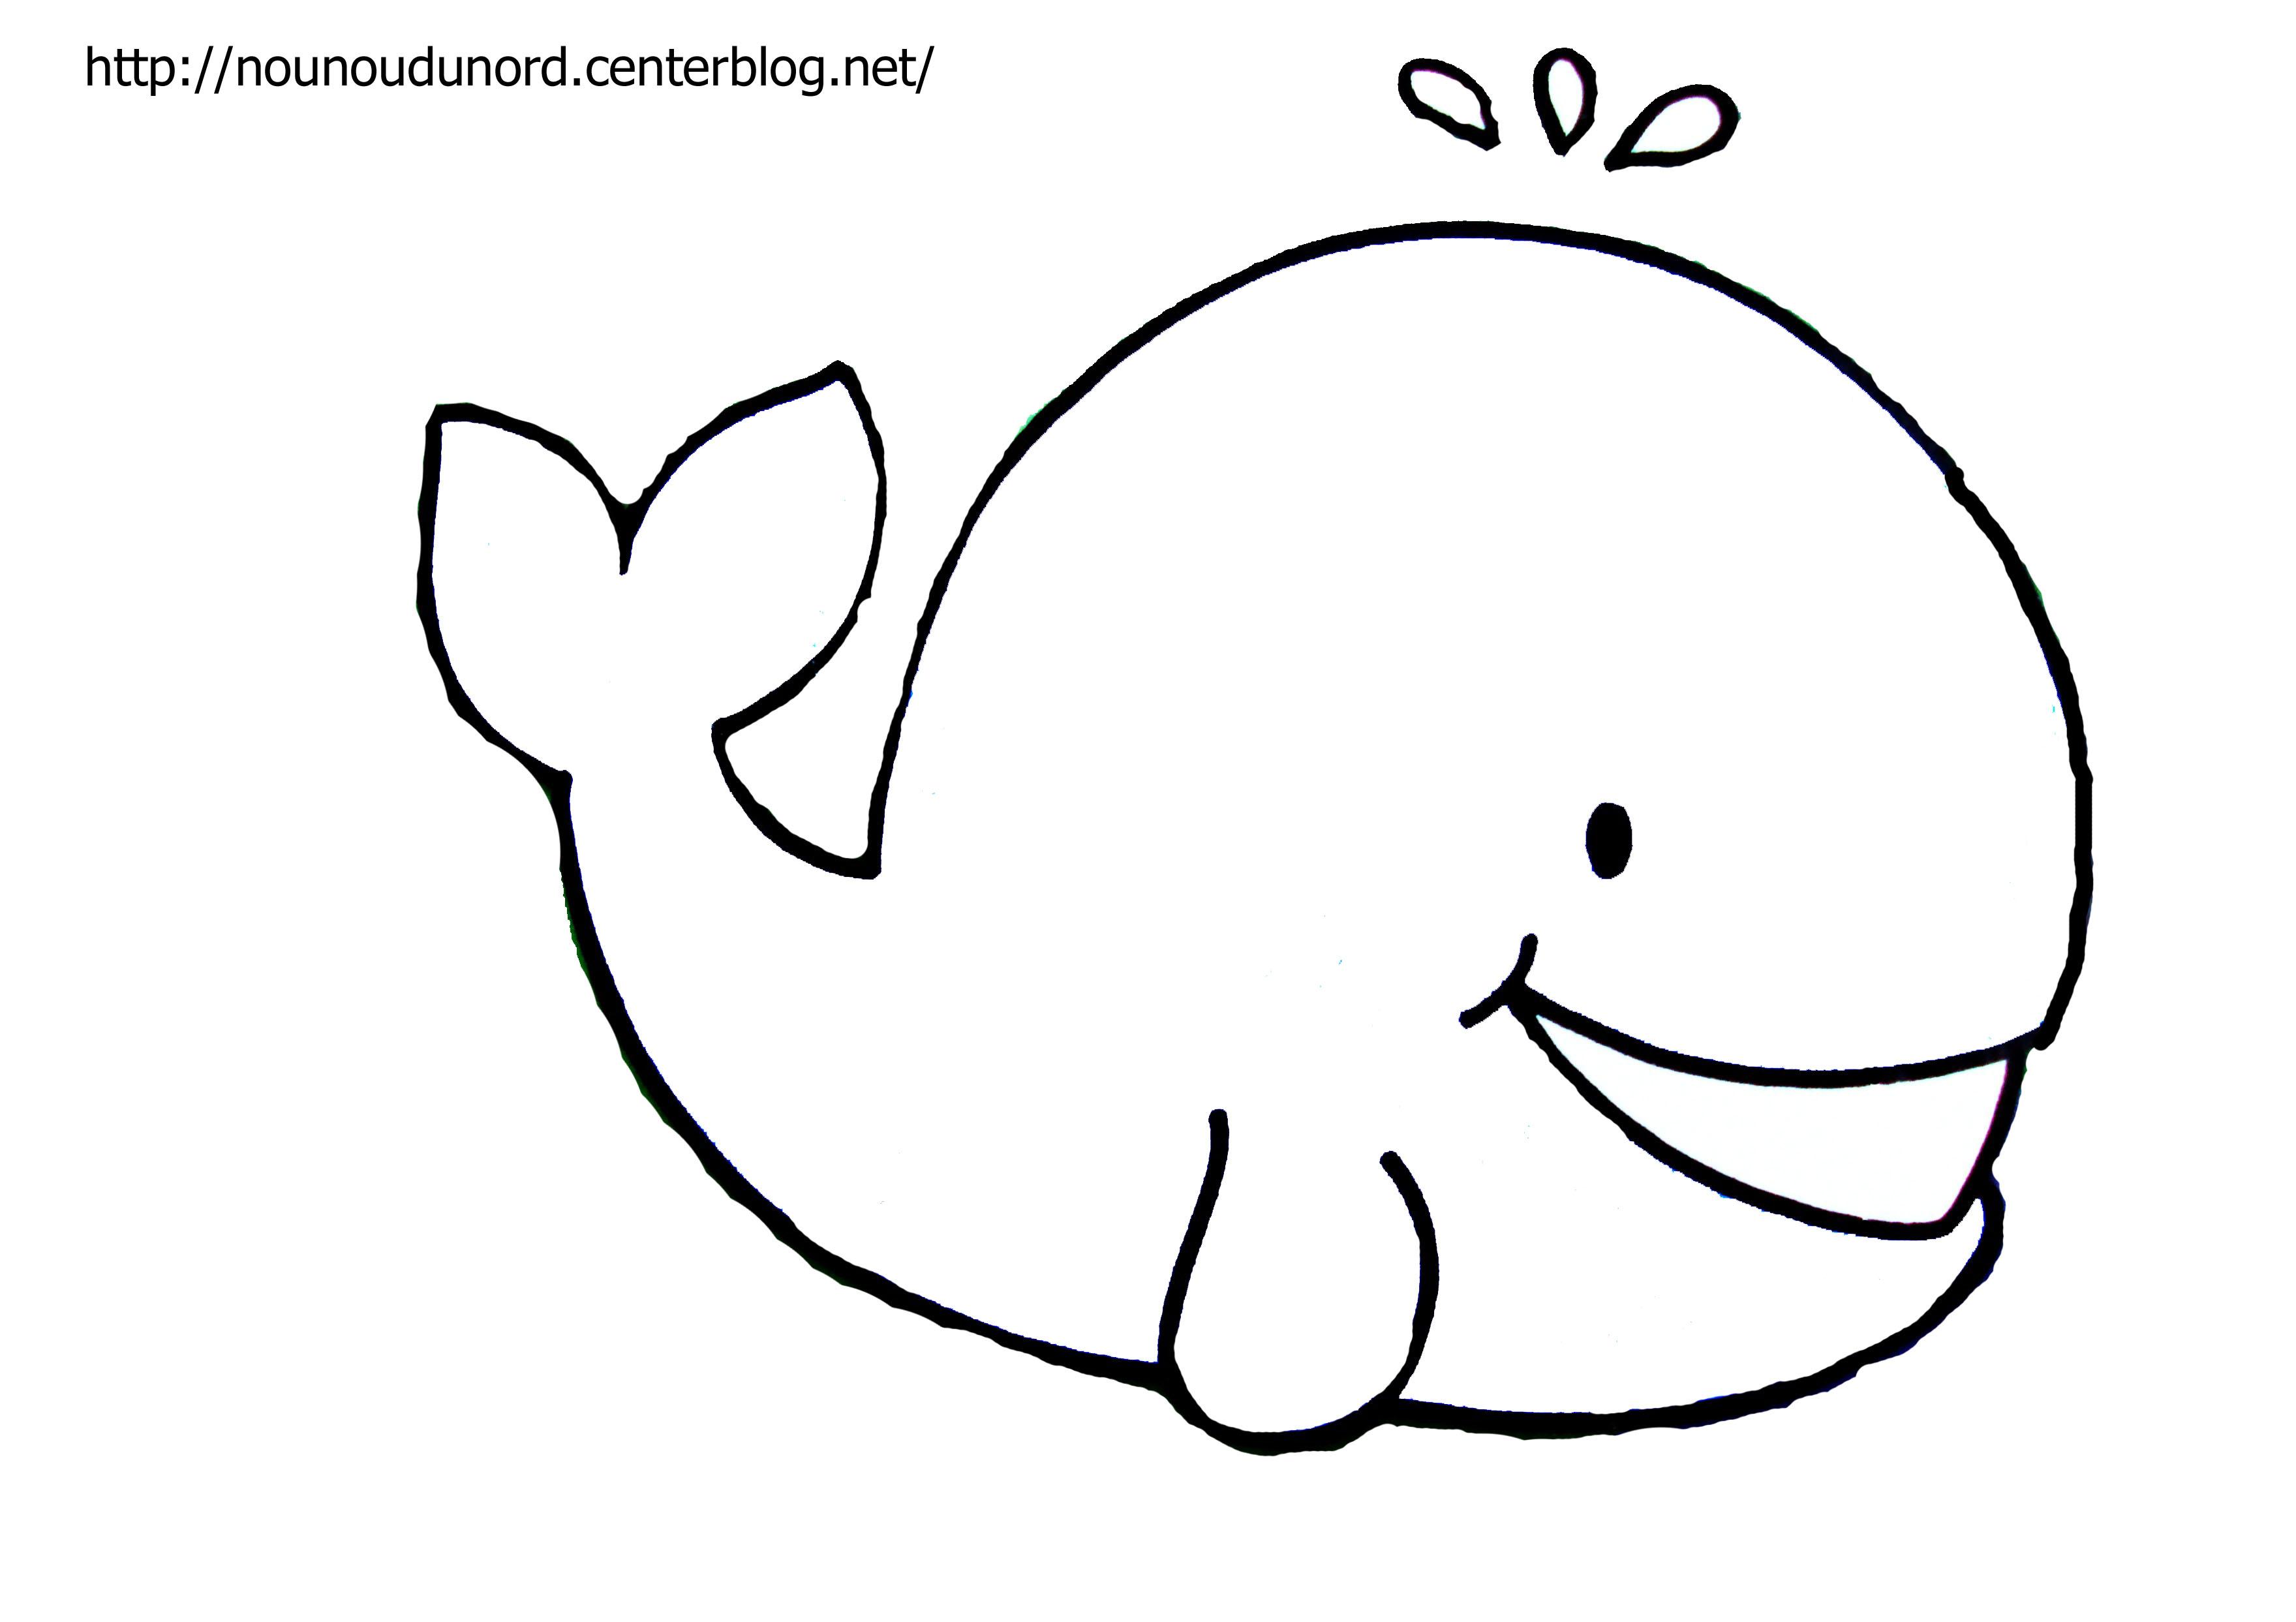 coloriage à dessiner baleine petite section